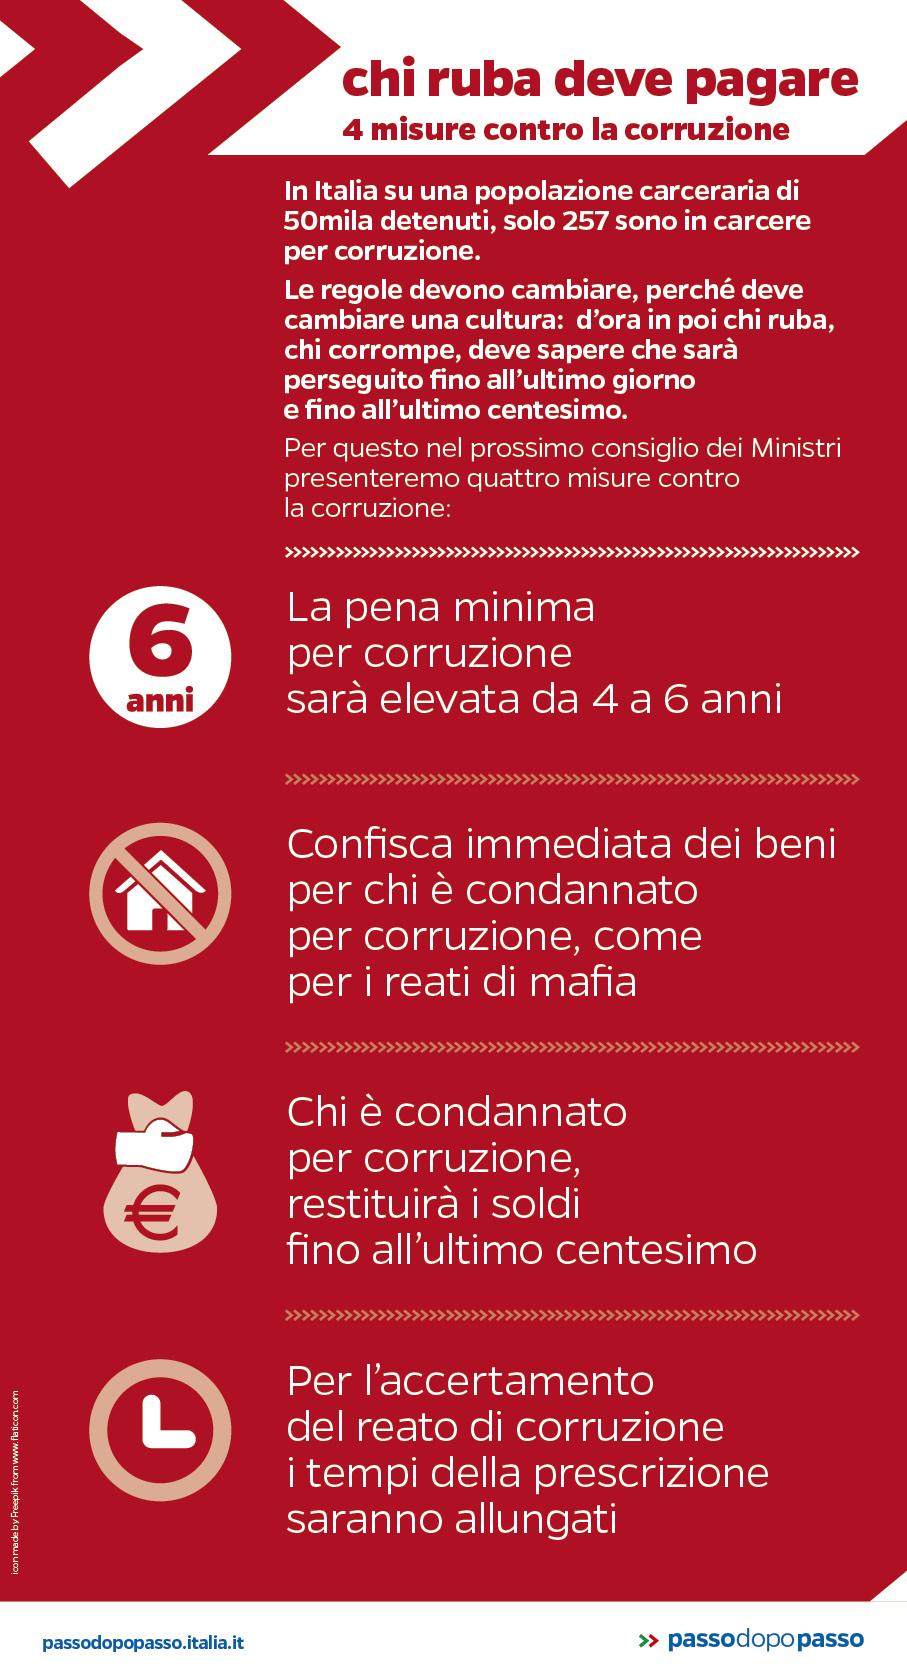 Infografica: Chi ruba deve pagare. 4 misure contro la corruzione